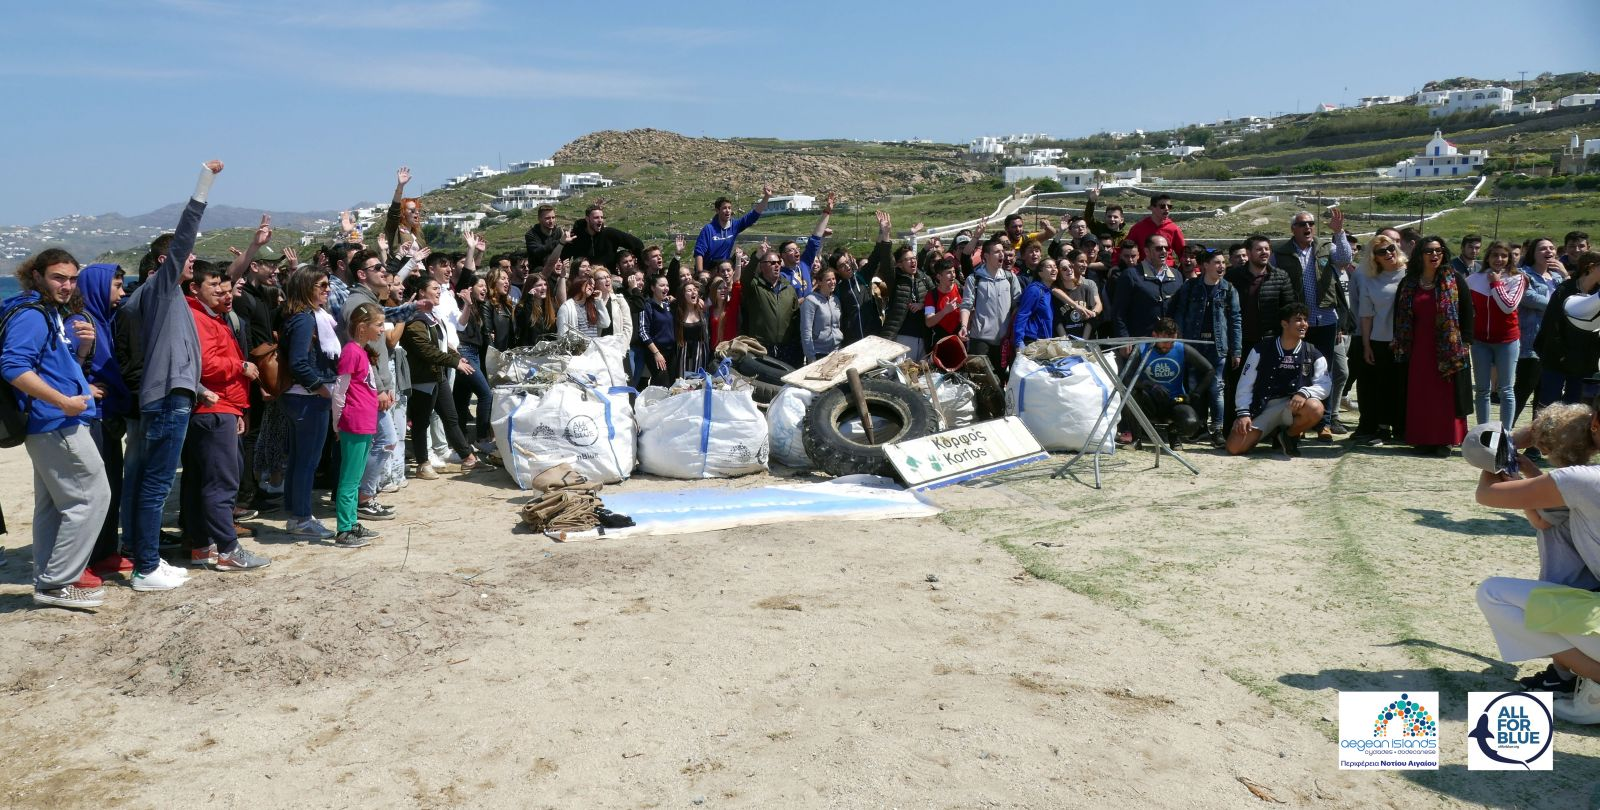 #KeepAegaenBlue: Ενάμιση τόνο  σκουπίδια  έβγαλαν μαθητές και δύτες, από παραλία της Μυκόνου